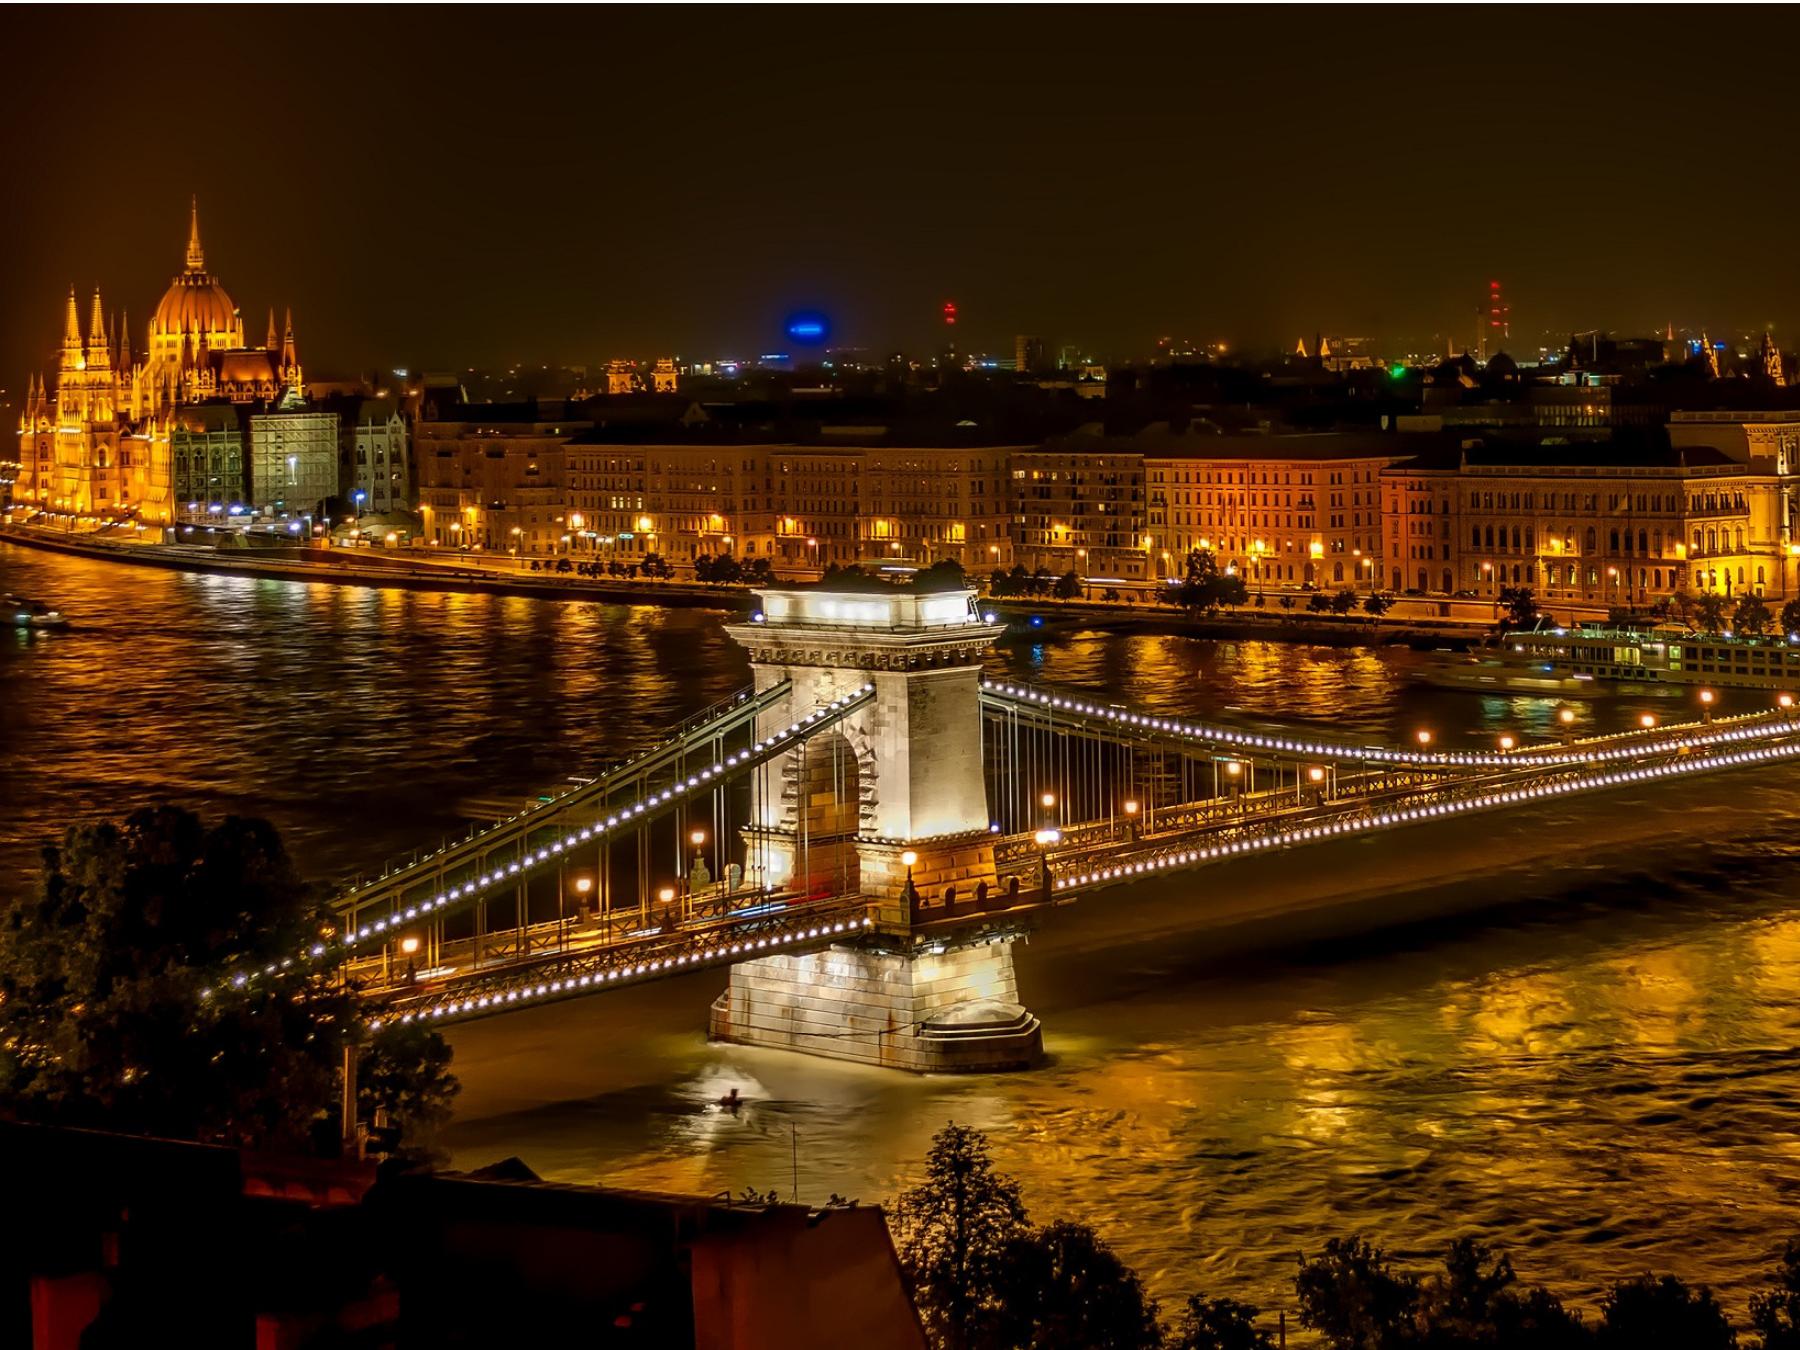 15-melhores-lugares-para-viajar-esse-ano-2019-budapeste 15 melhores lugares para viajar esse ano 2019 (melhor custo)